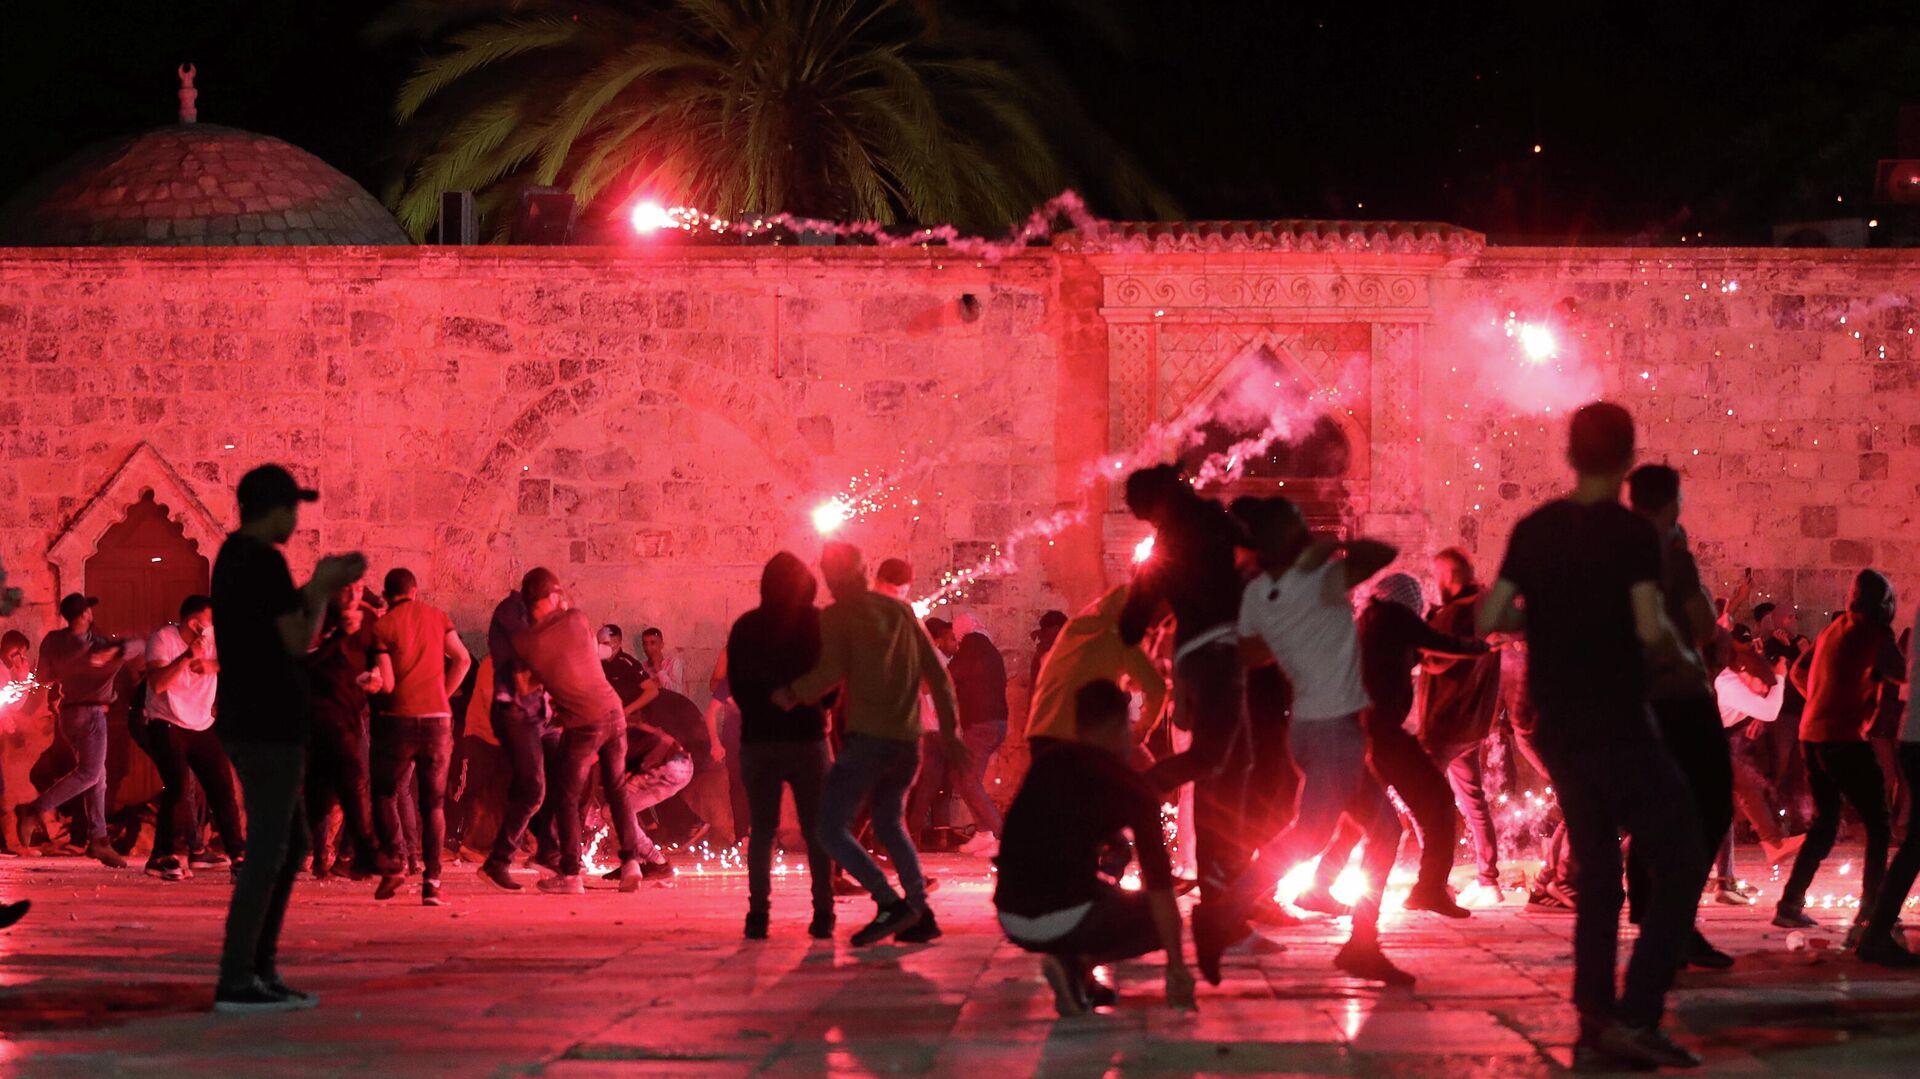 Столкновения возле мечети Аль-Акса в Иерусалиме - РИА Новости, 1920, 09.05.2021